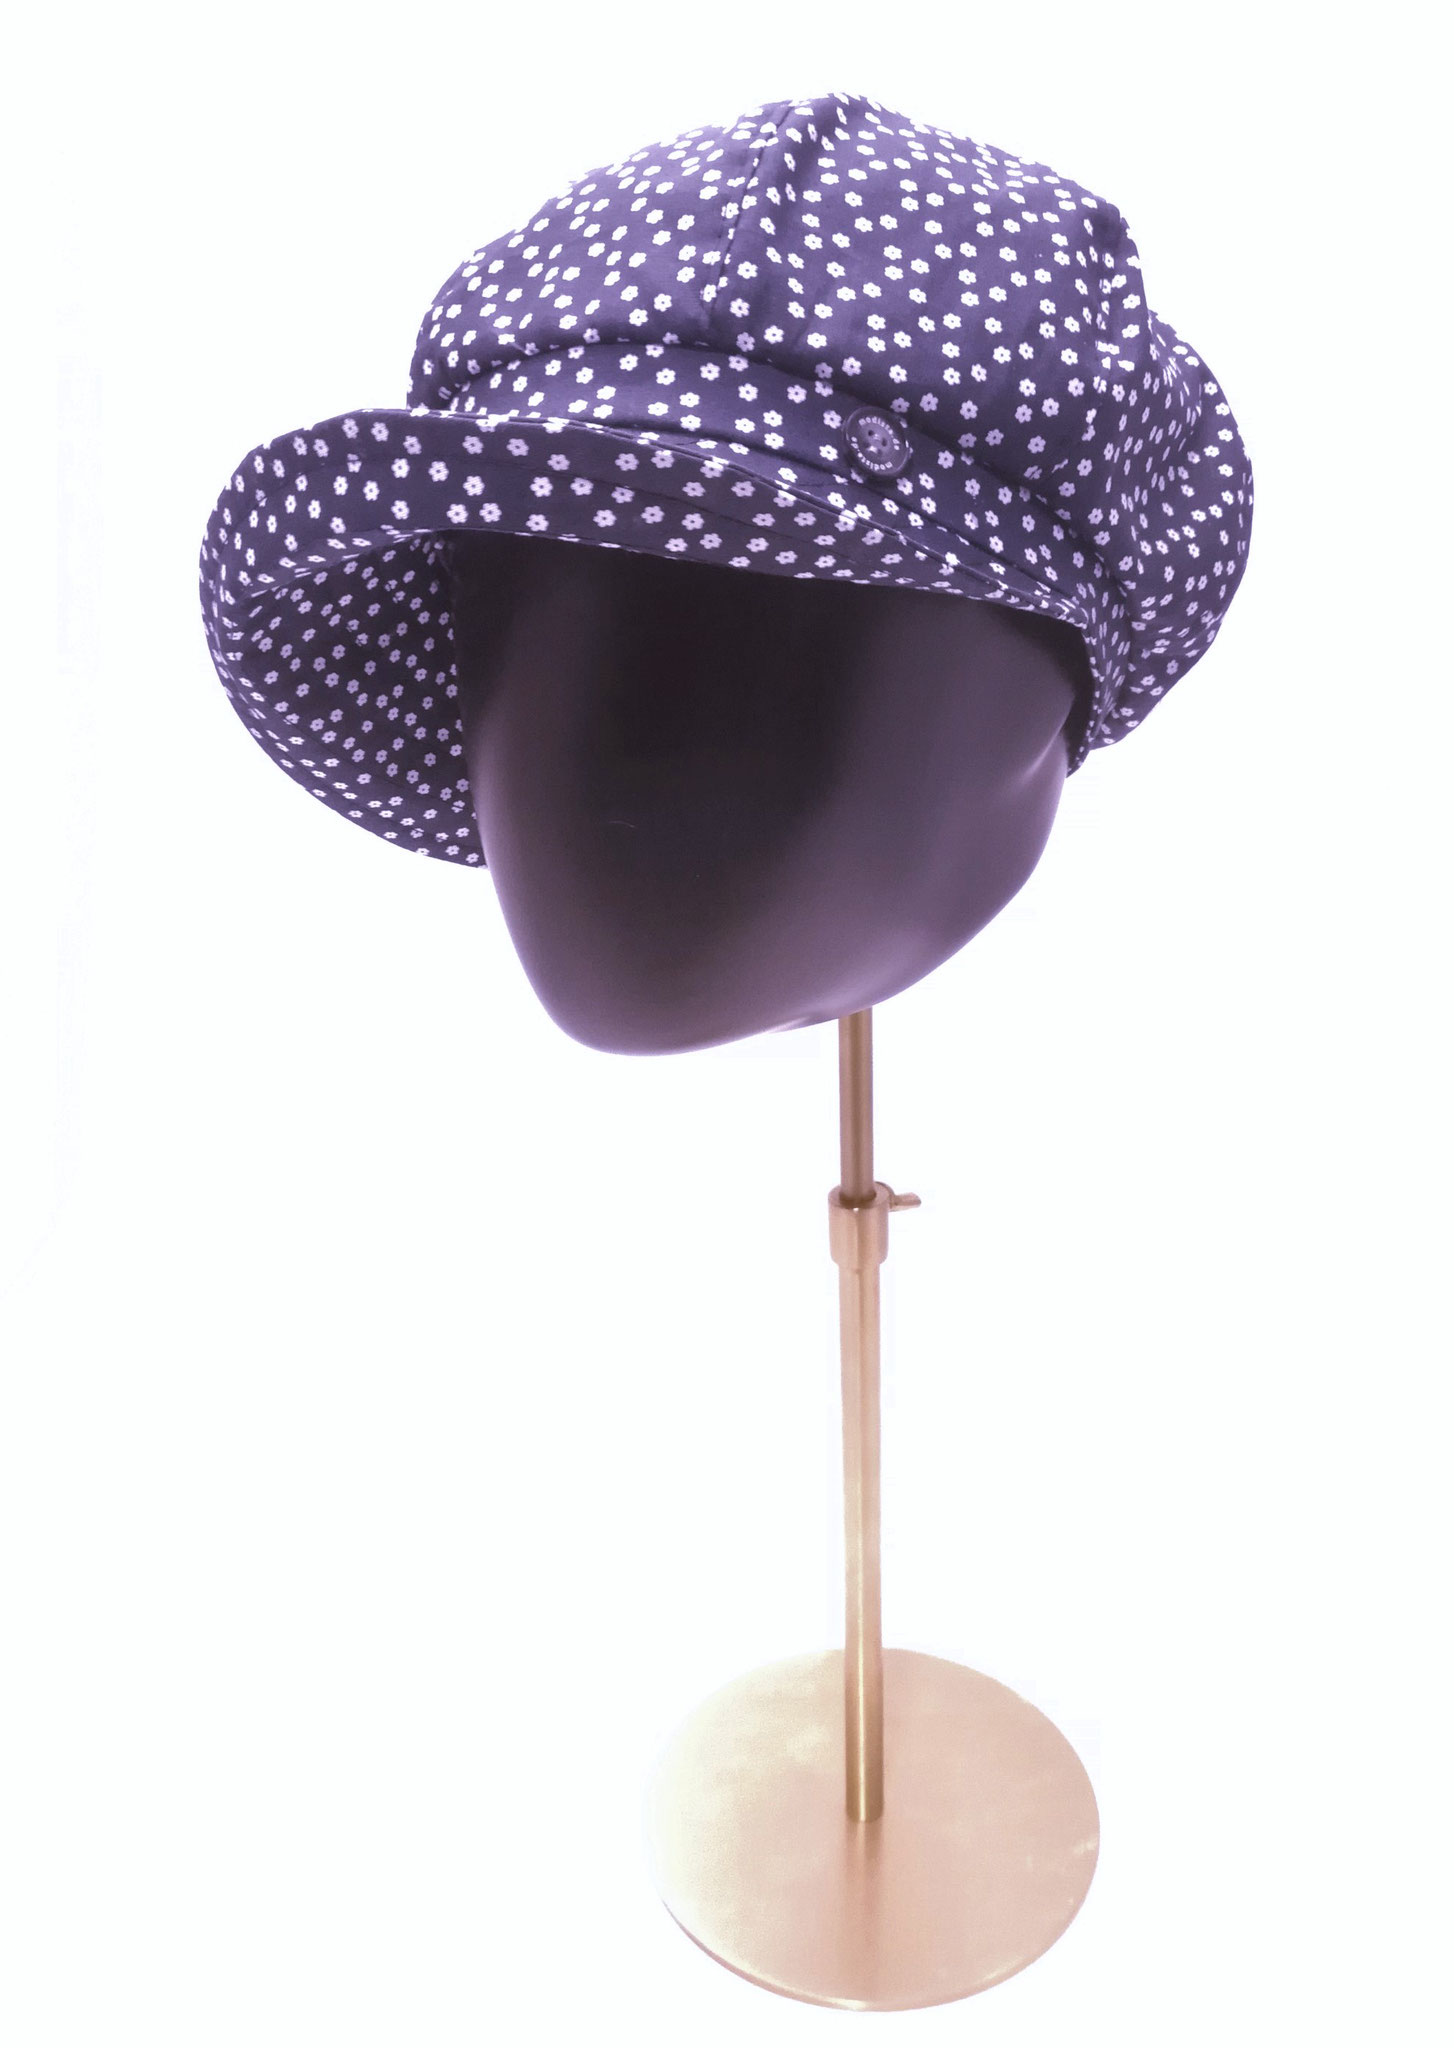 Ballonmütze reine Baumwolle, dunkelblau mit Blümchen, Aufschlagrand, Manufakturarbeit,  bestellbar Preis 49,90 €